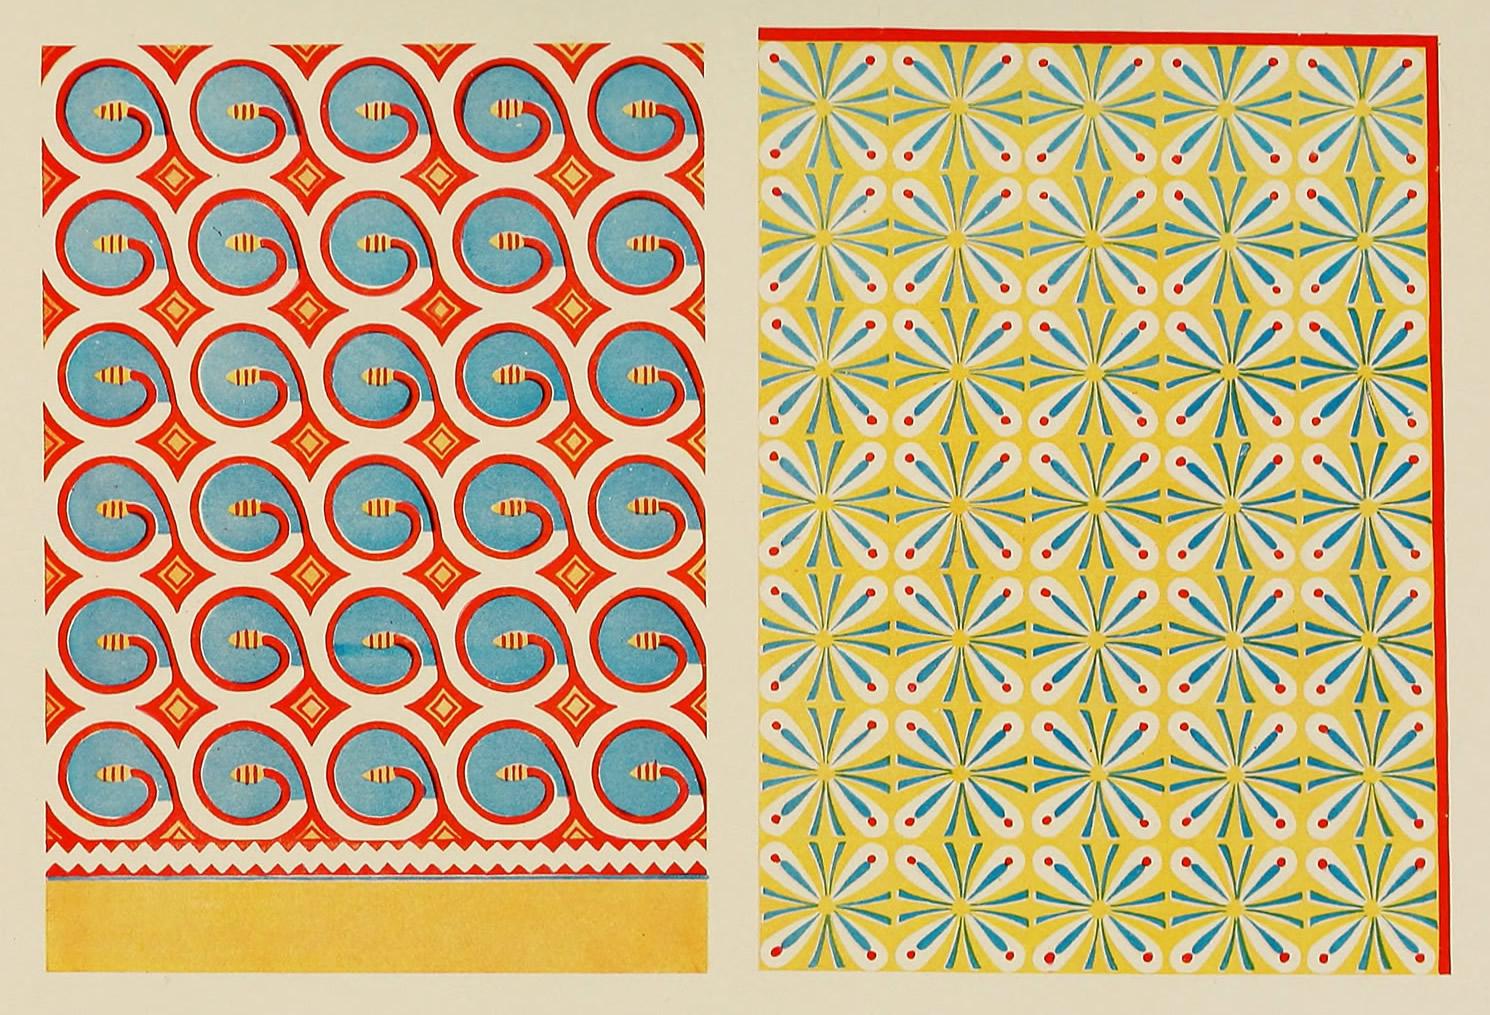 Tesori d'archivio: un'enciclopedia dedicata alle decorazioni dall'antichità all'800